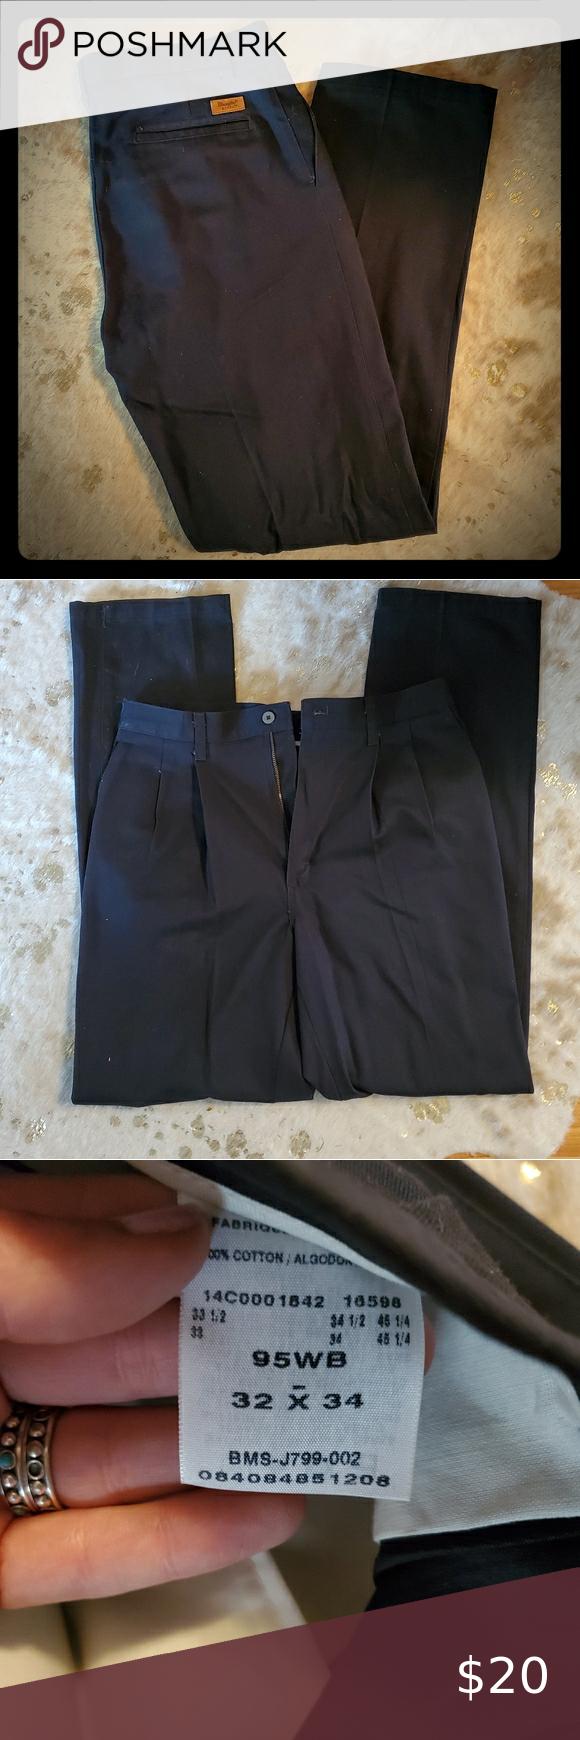 Wrangler Riotta Dress Pants Wrangler Pants Dress Pants Mens Dress Pants